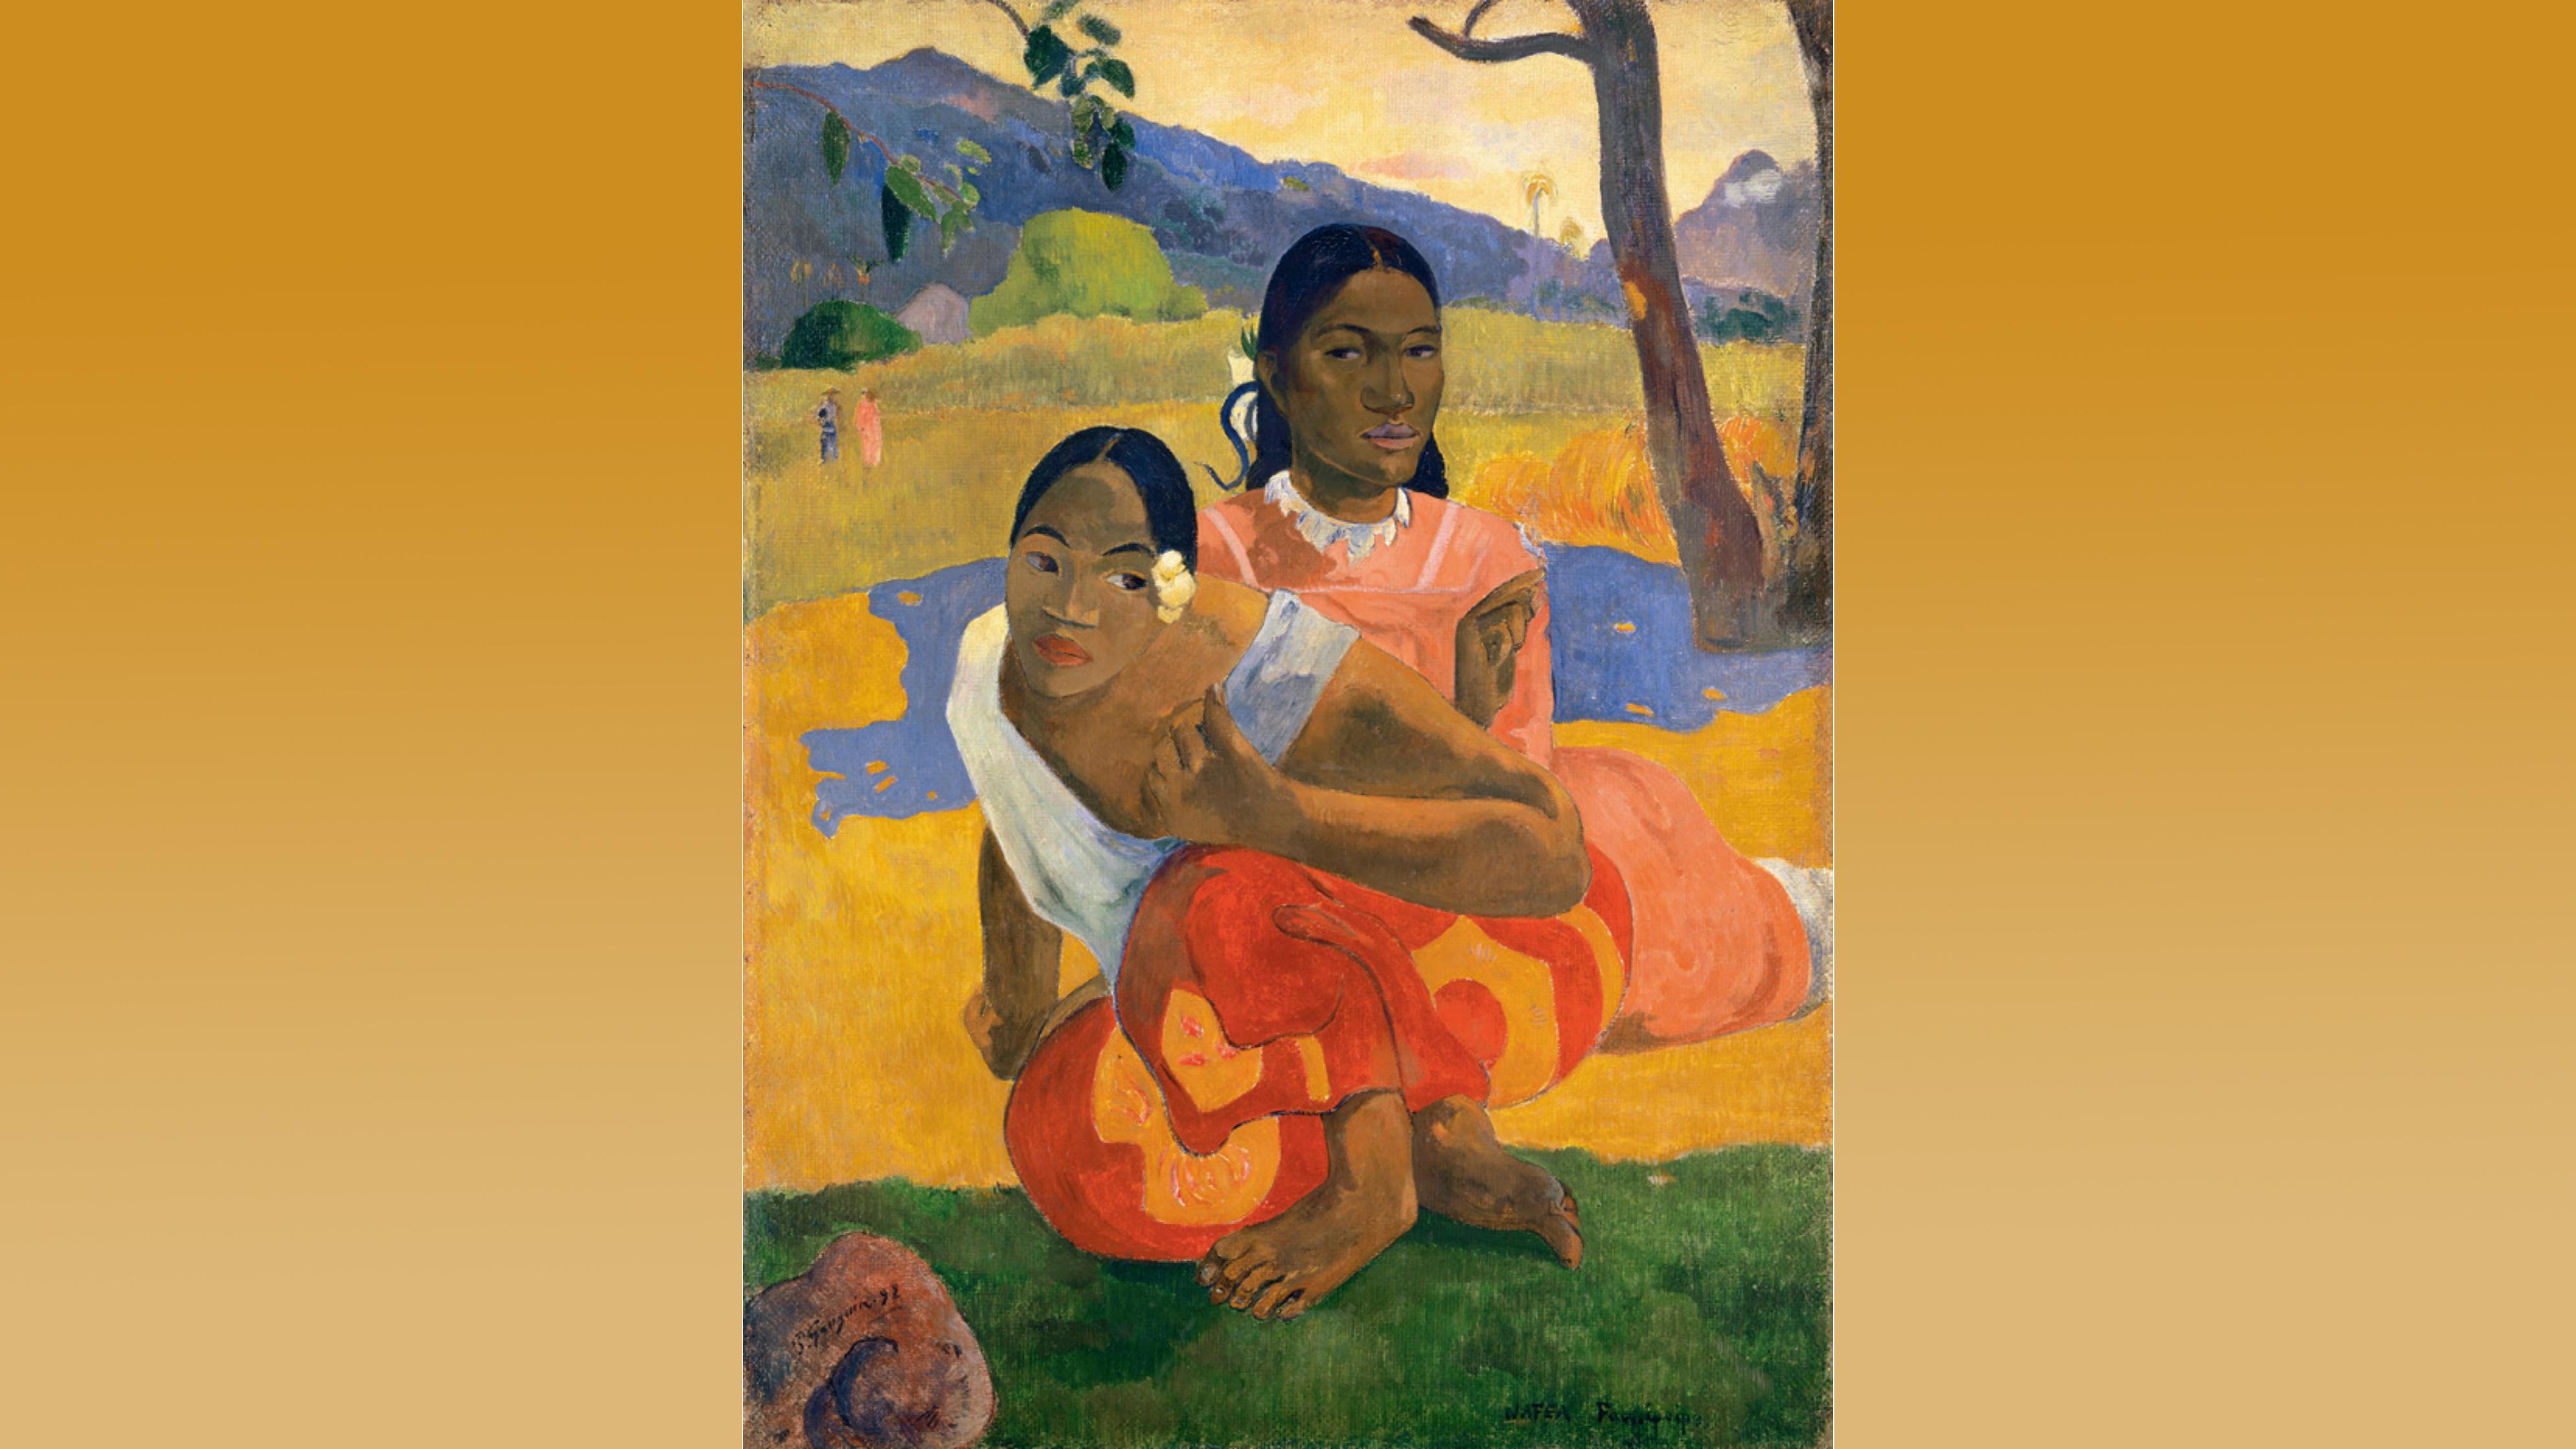 duurste_schilderijen_paul_gauguin_when_will_you_marry_.jpg